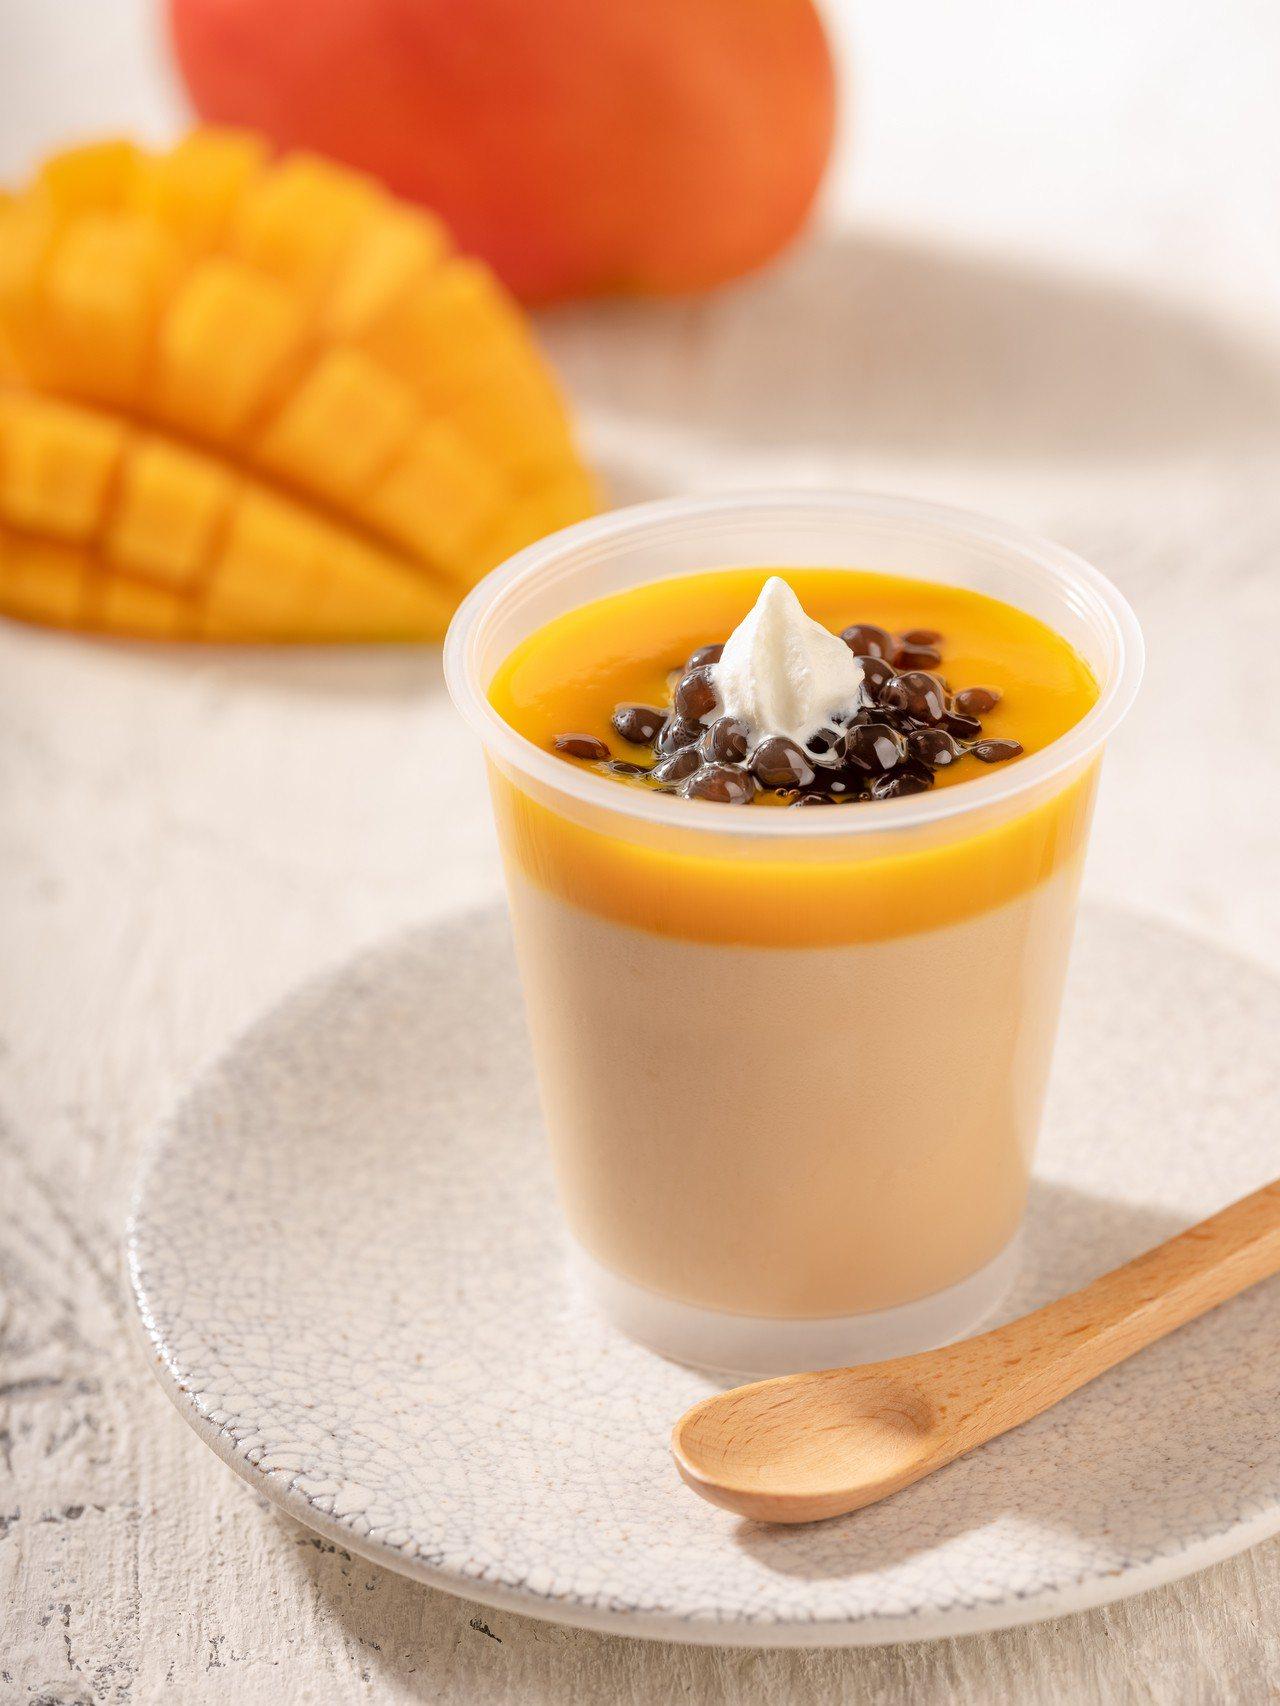 甜點茶奶酪有夏天的芒果口味。圖/春水堂提供